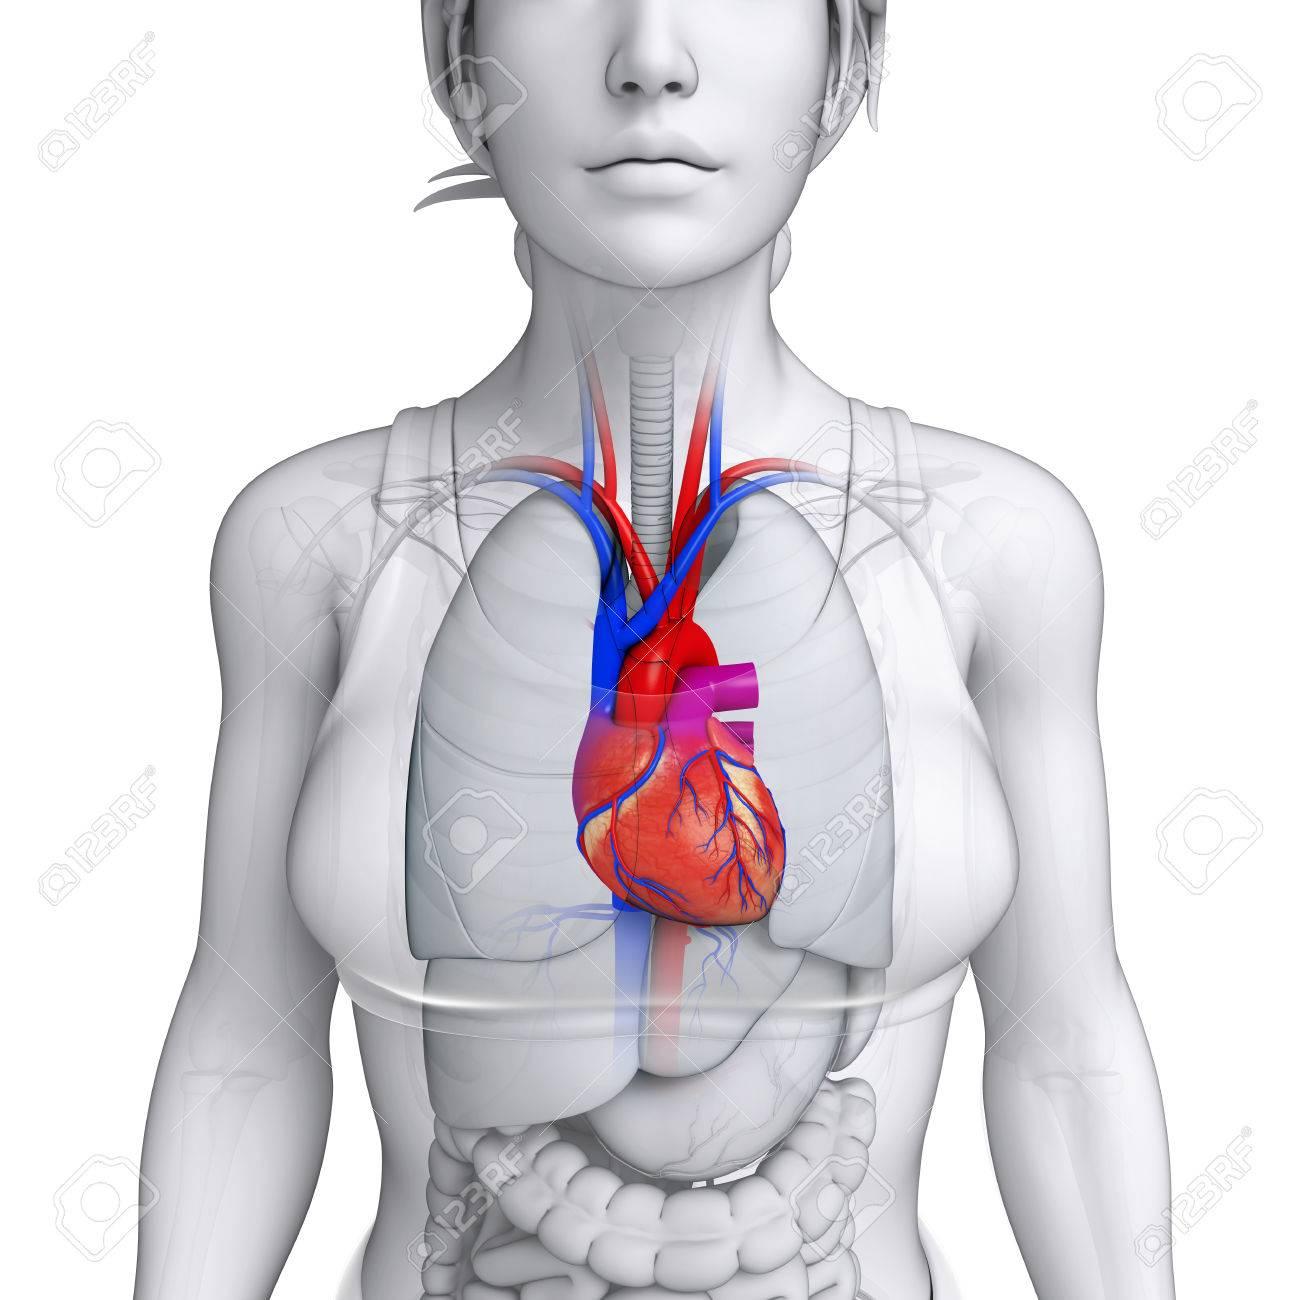 Único Implantes Cigomáticos El Enfoque Anatomía Guiada Friso ...